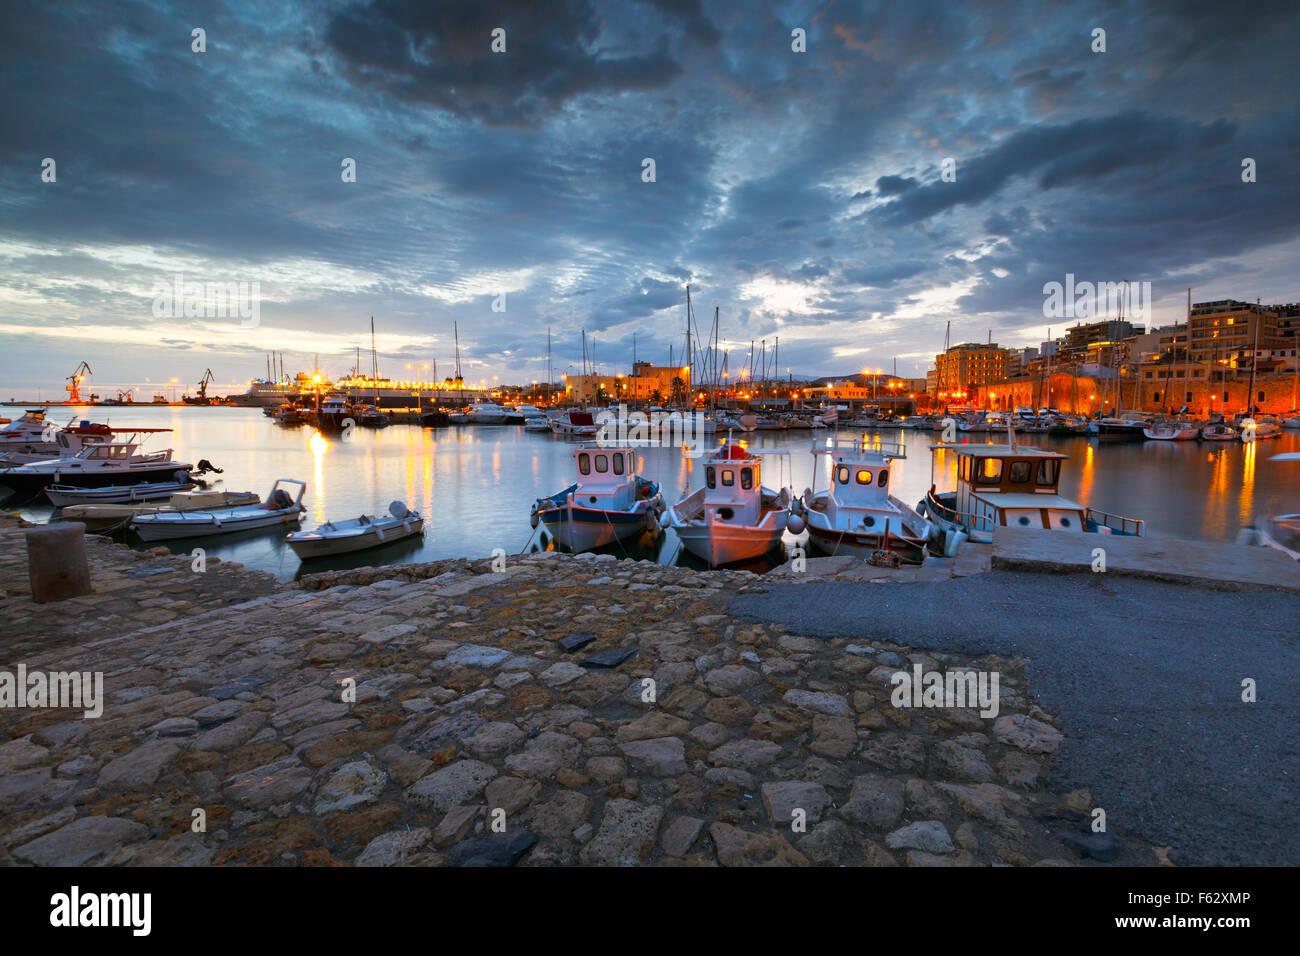 Alten Hafen mit Fischerbooten und Marina in Heraklion, Kreta, Griechenland Stockbild